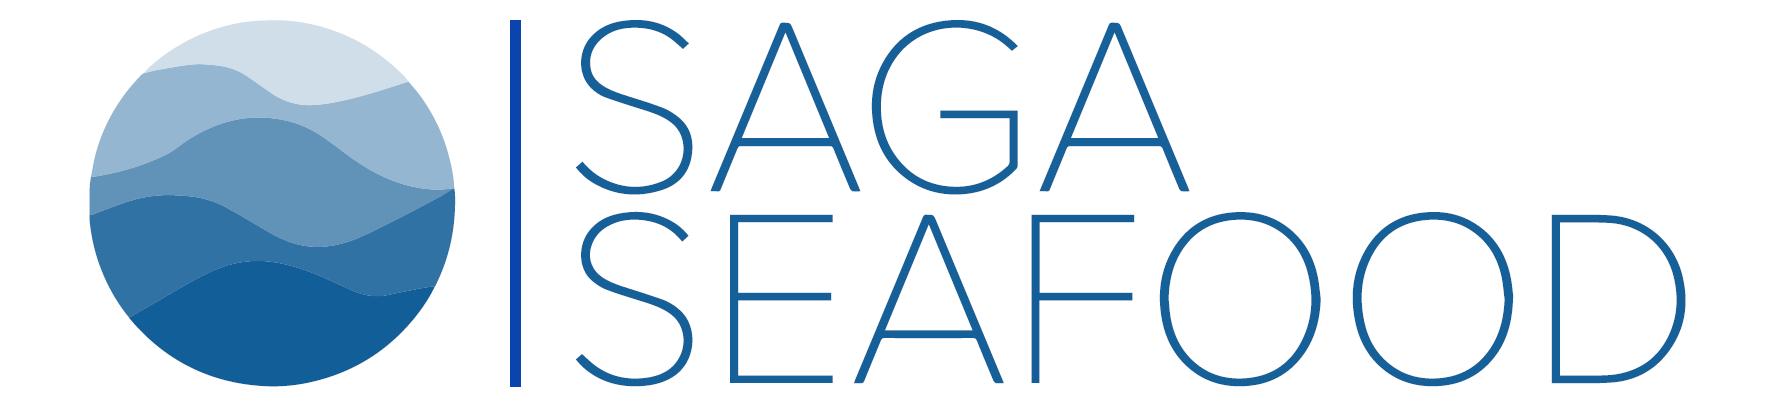 Saga Seafood